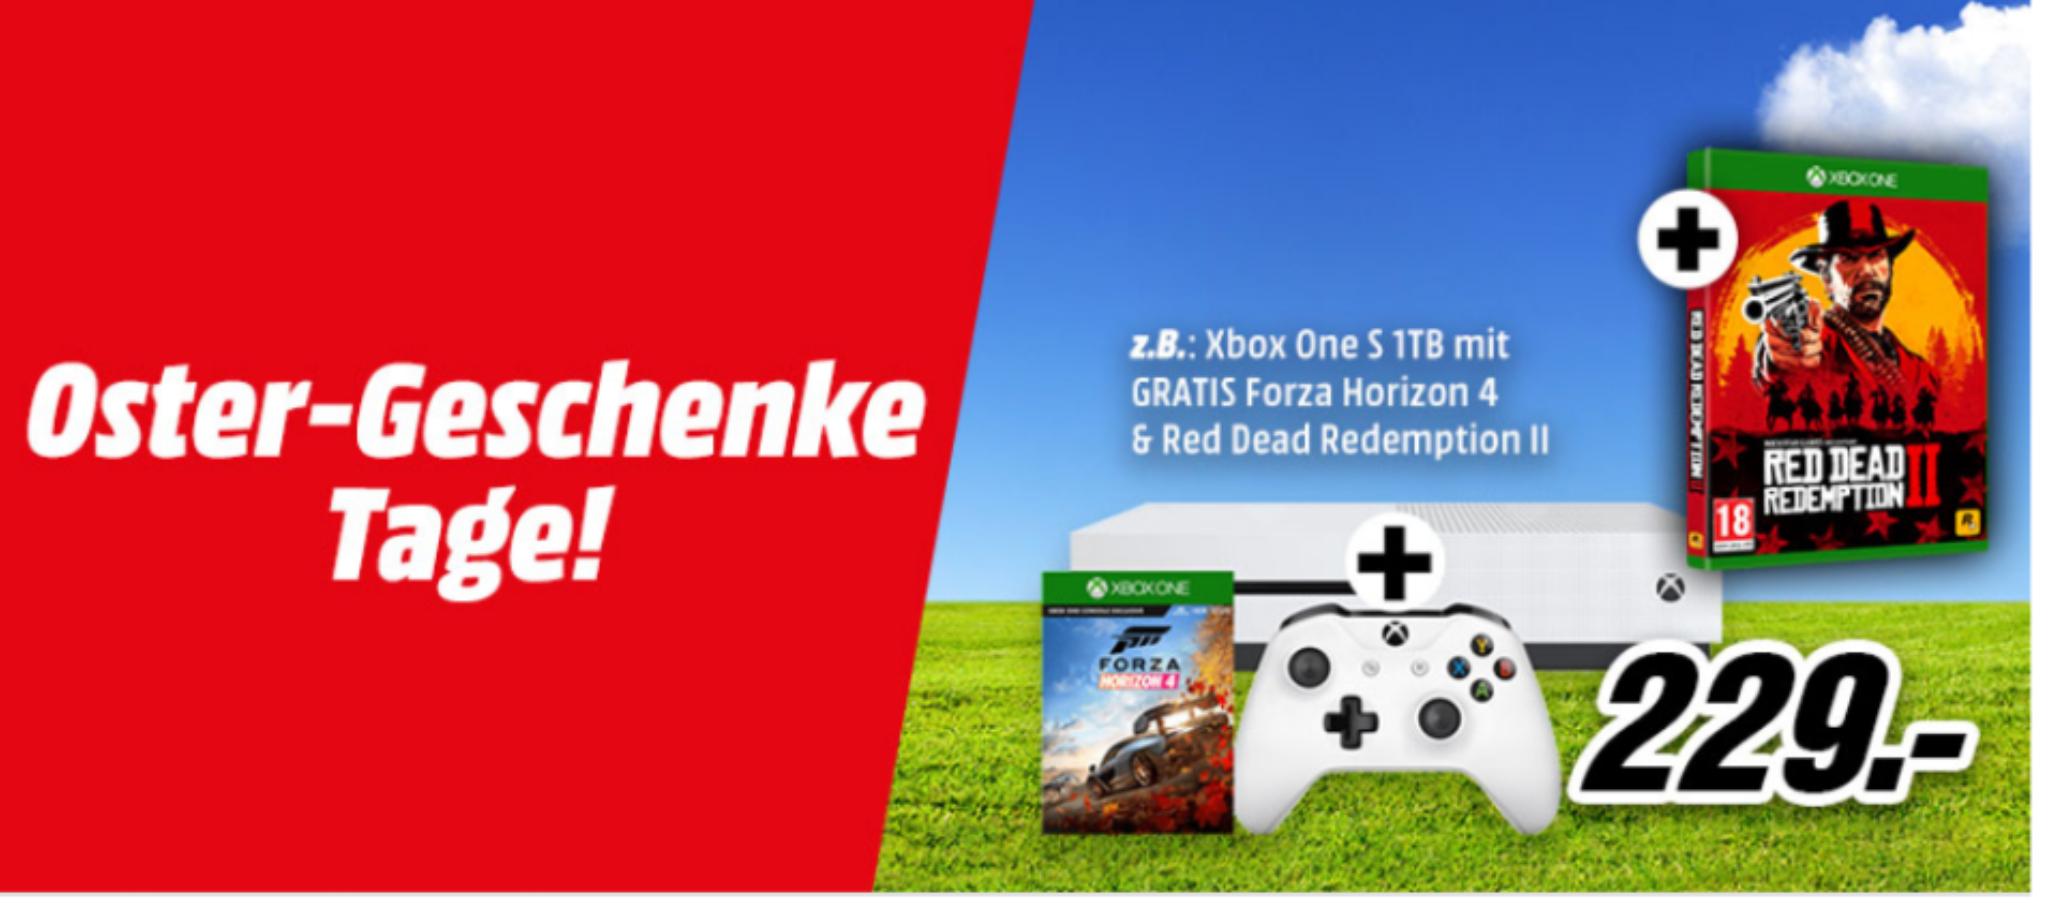 Xbox One Konsolen Aktion bei MediaMarkt